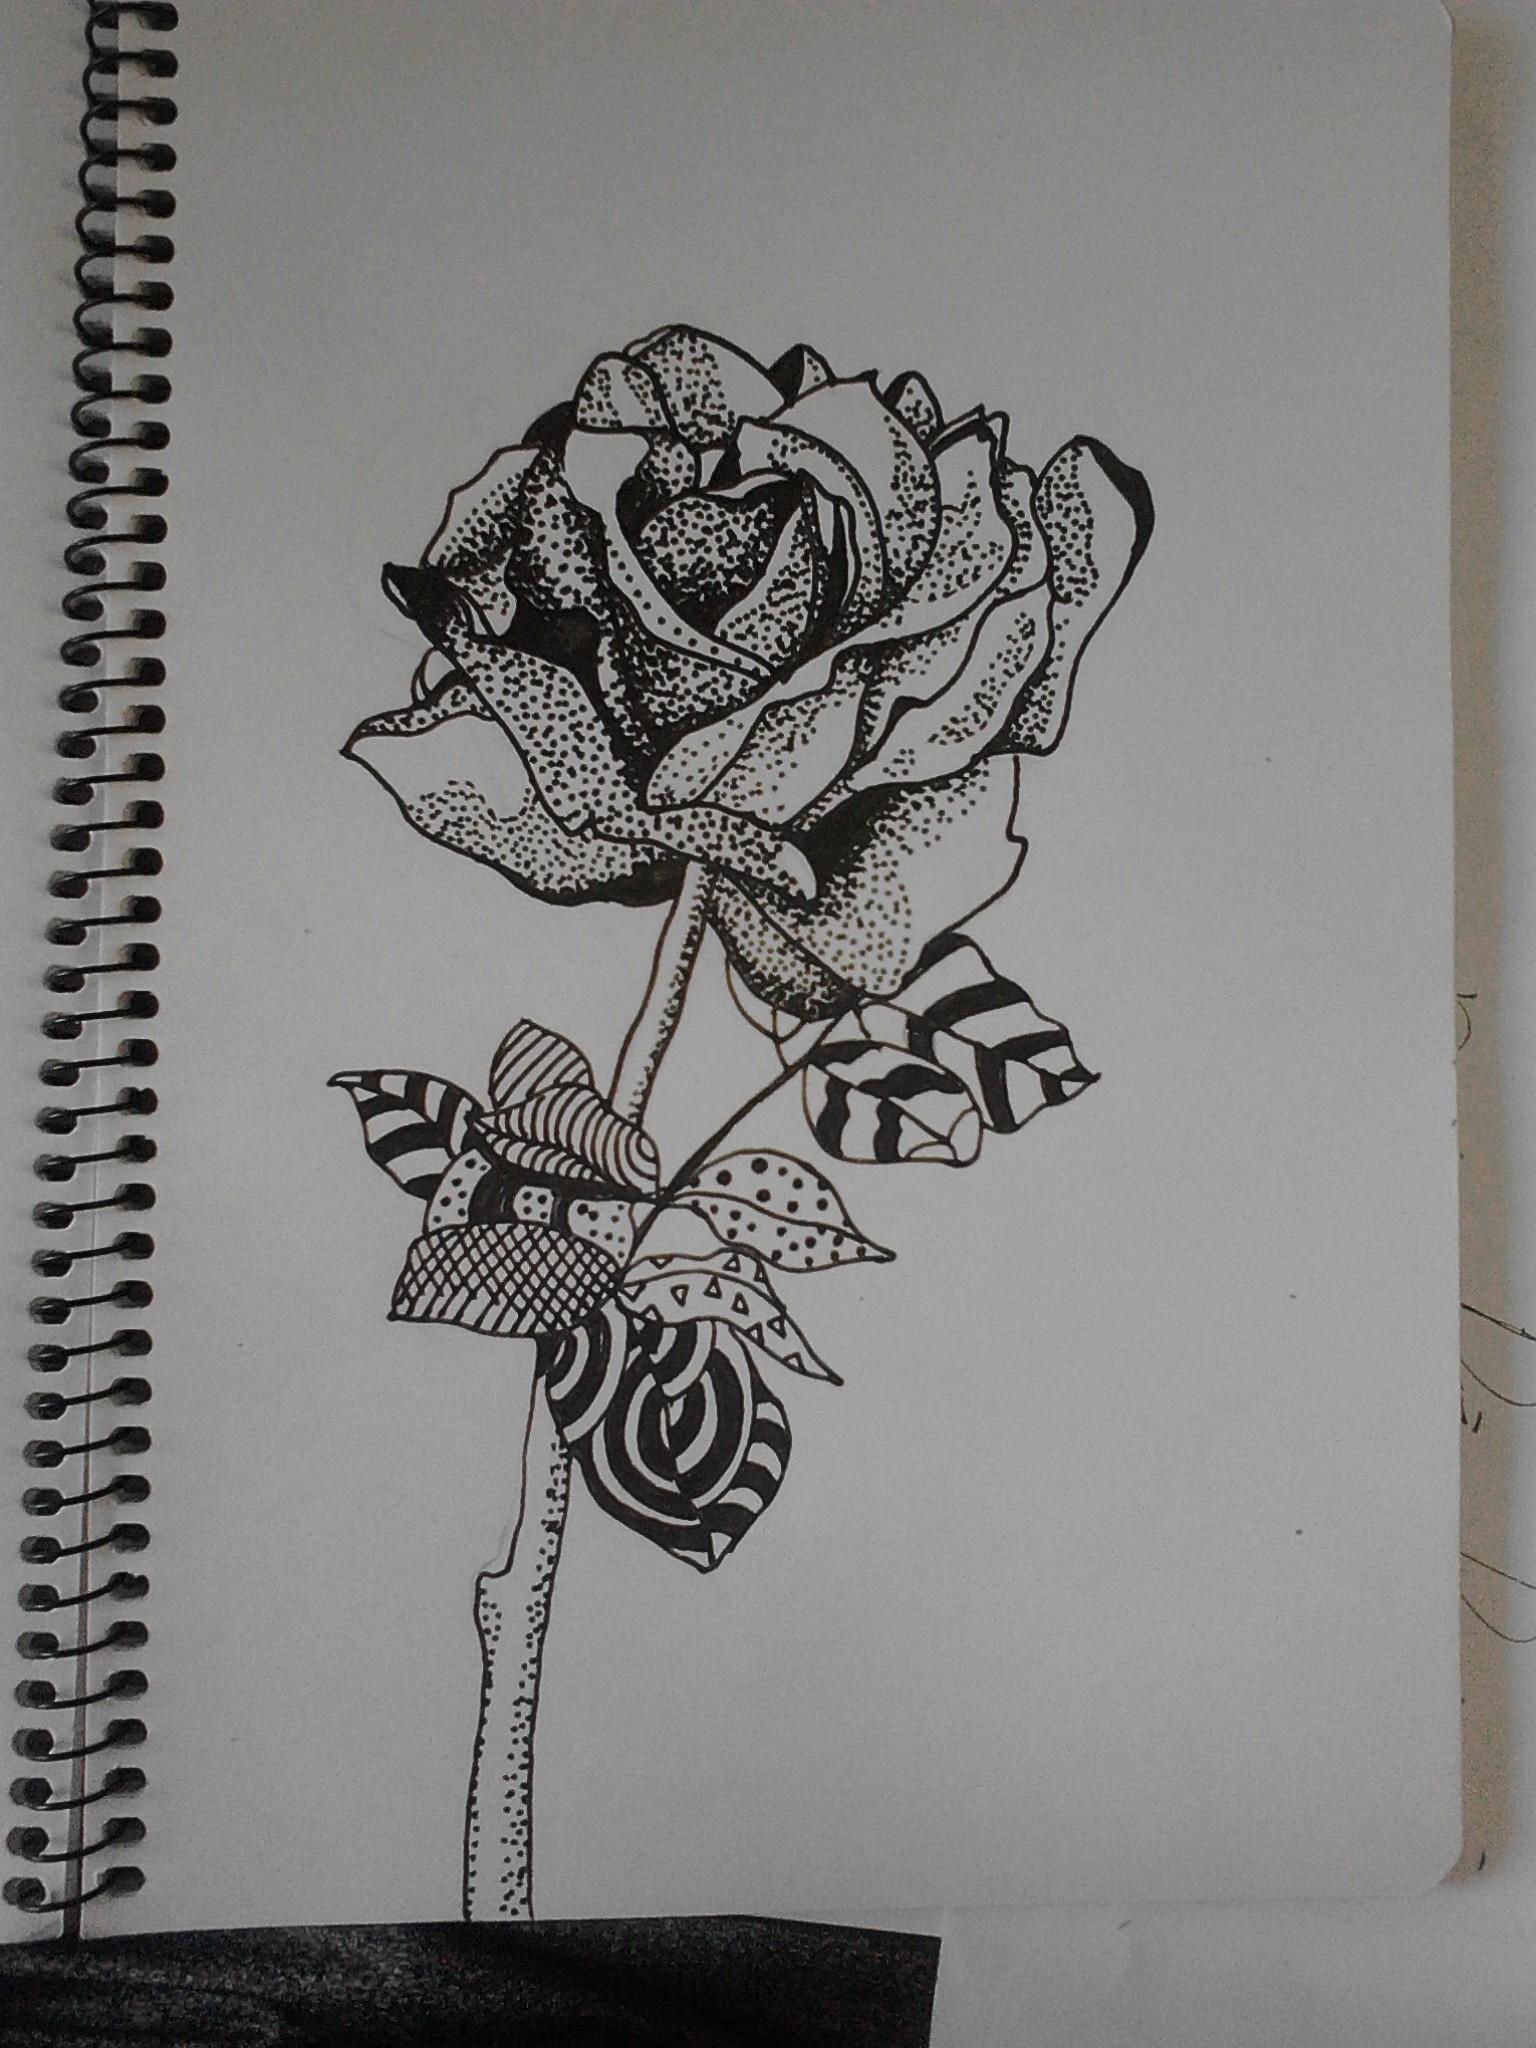 手绘玫瑰|插画|插画习作|站酷豆子 - 原创作品 - 站酷